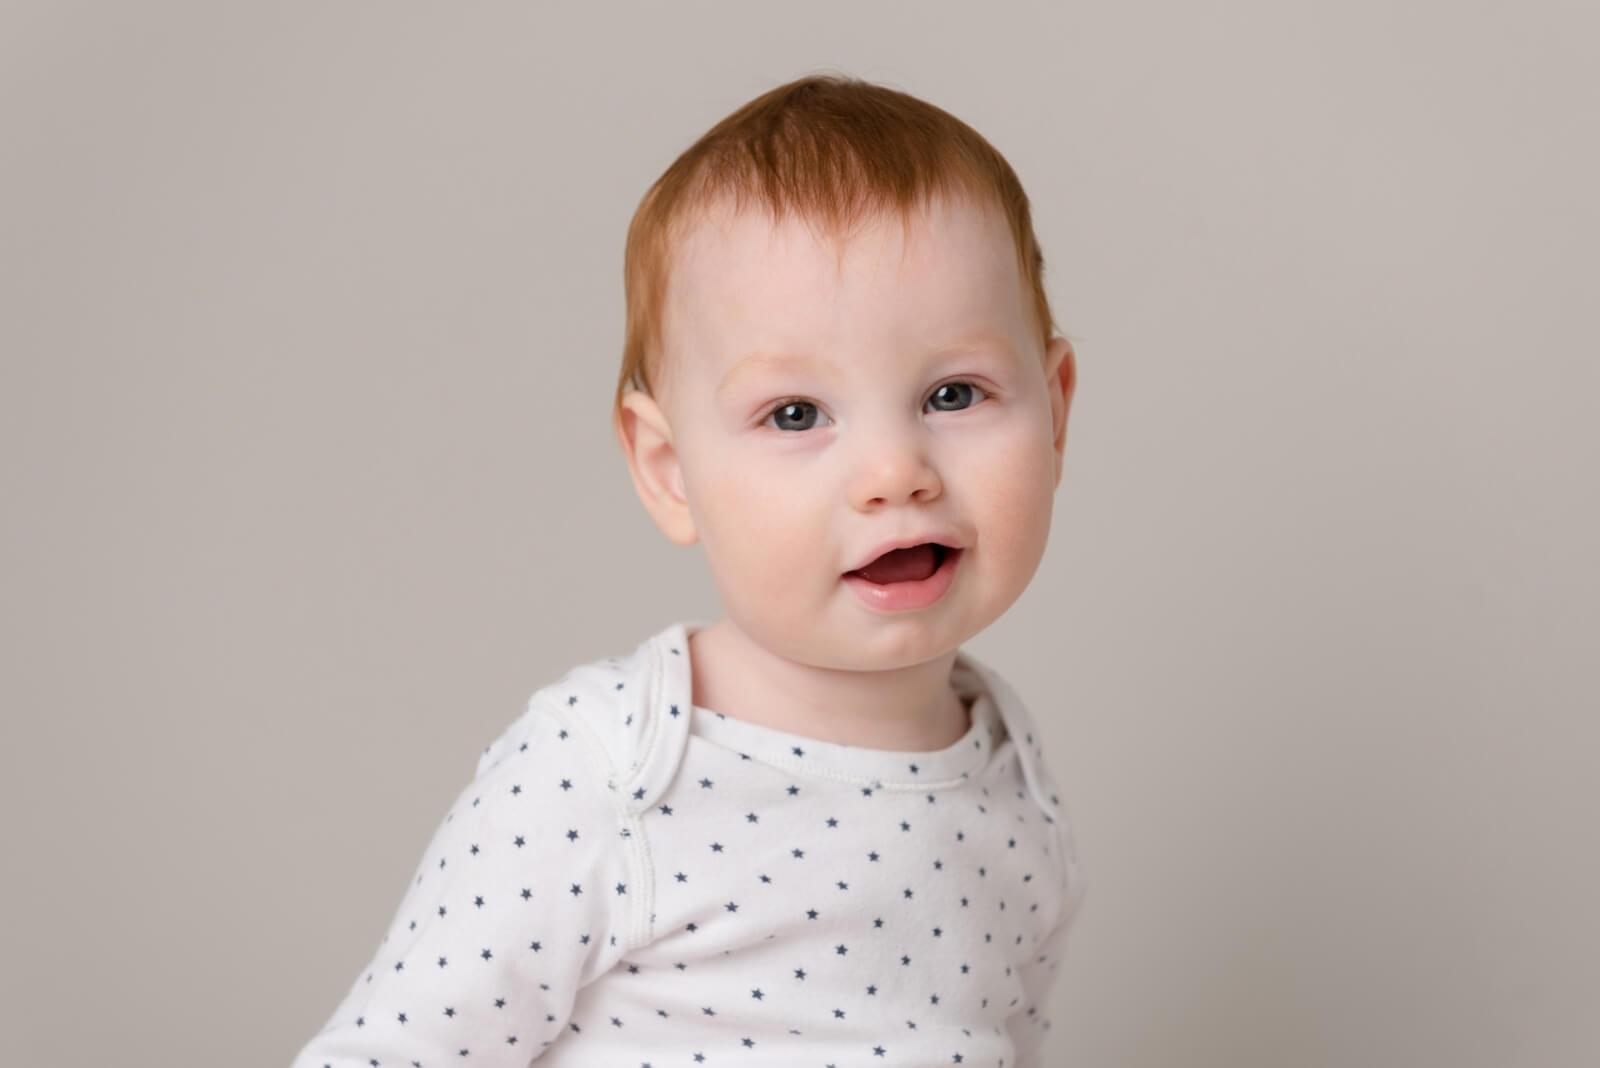 Baby Photographer Edinburgh